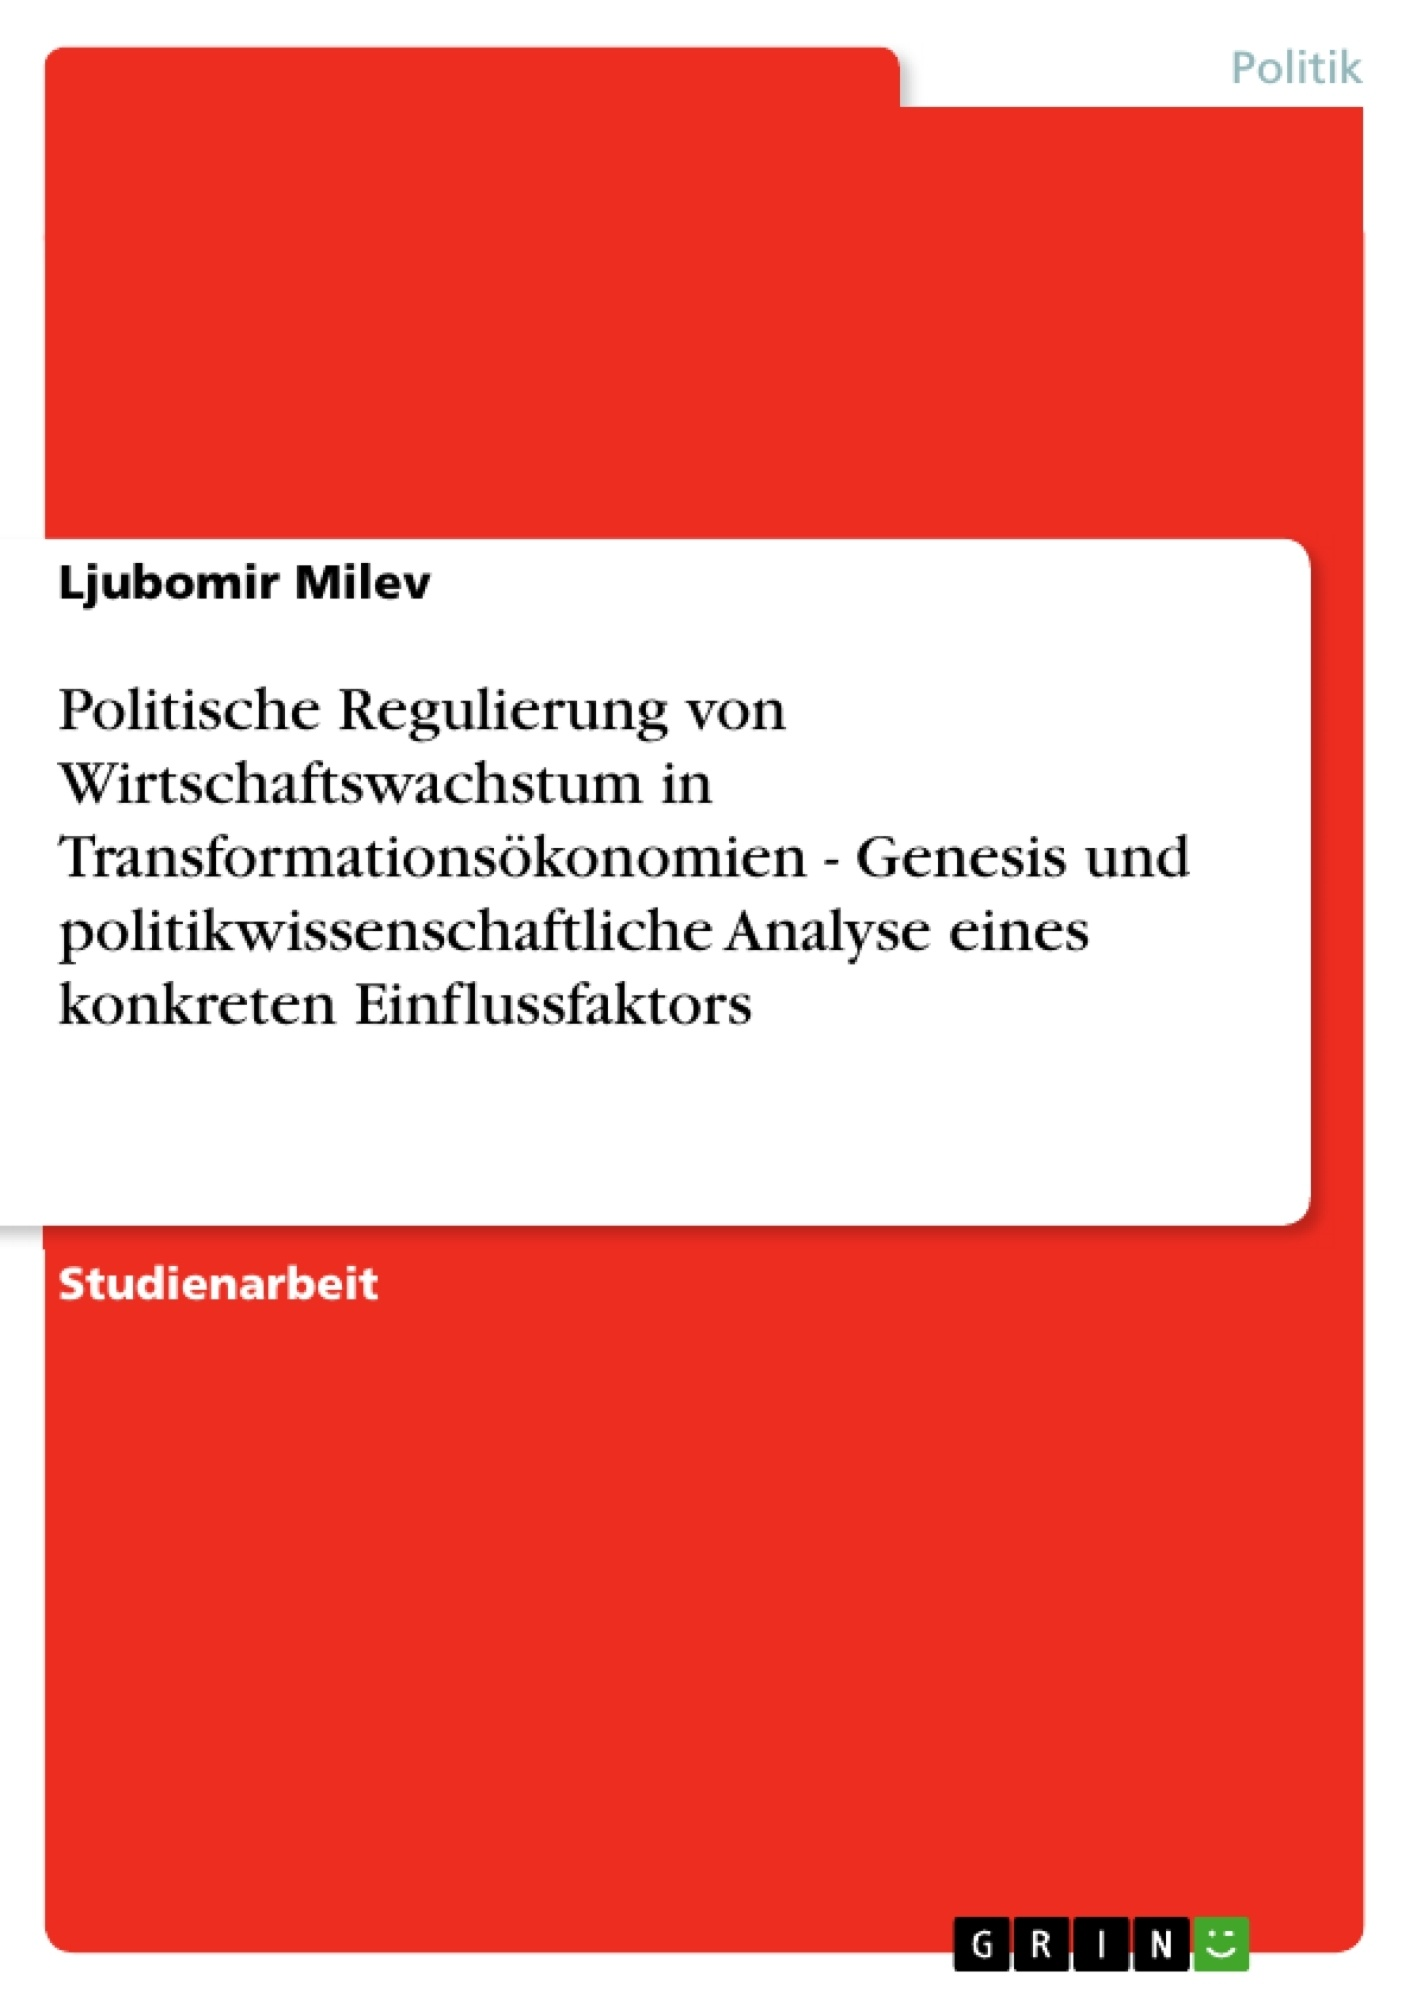 Titel: Politische Regulierung von Wirtschaftswachstum in Transformationsökonomien - Genesis und politikwissenschaftliche Analyse eines konkreten Einflussfaktors